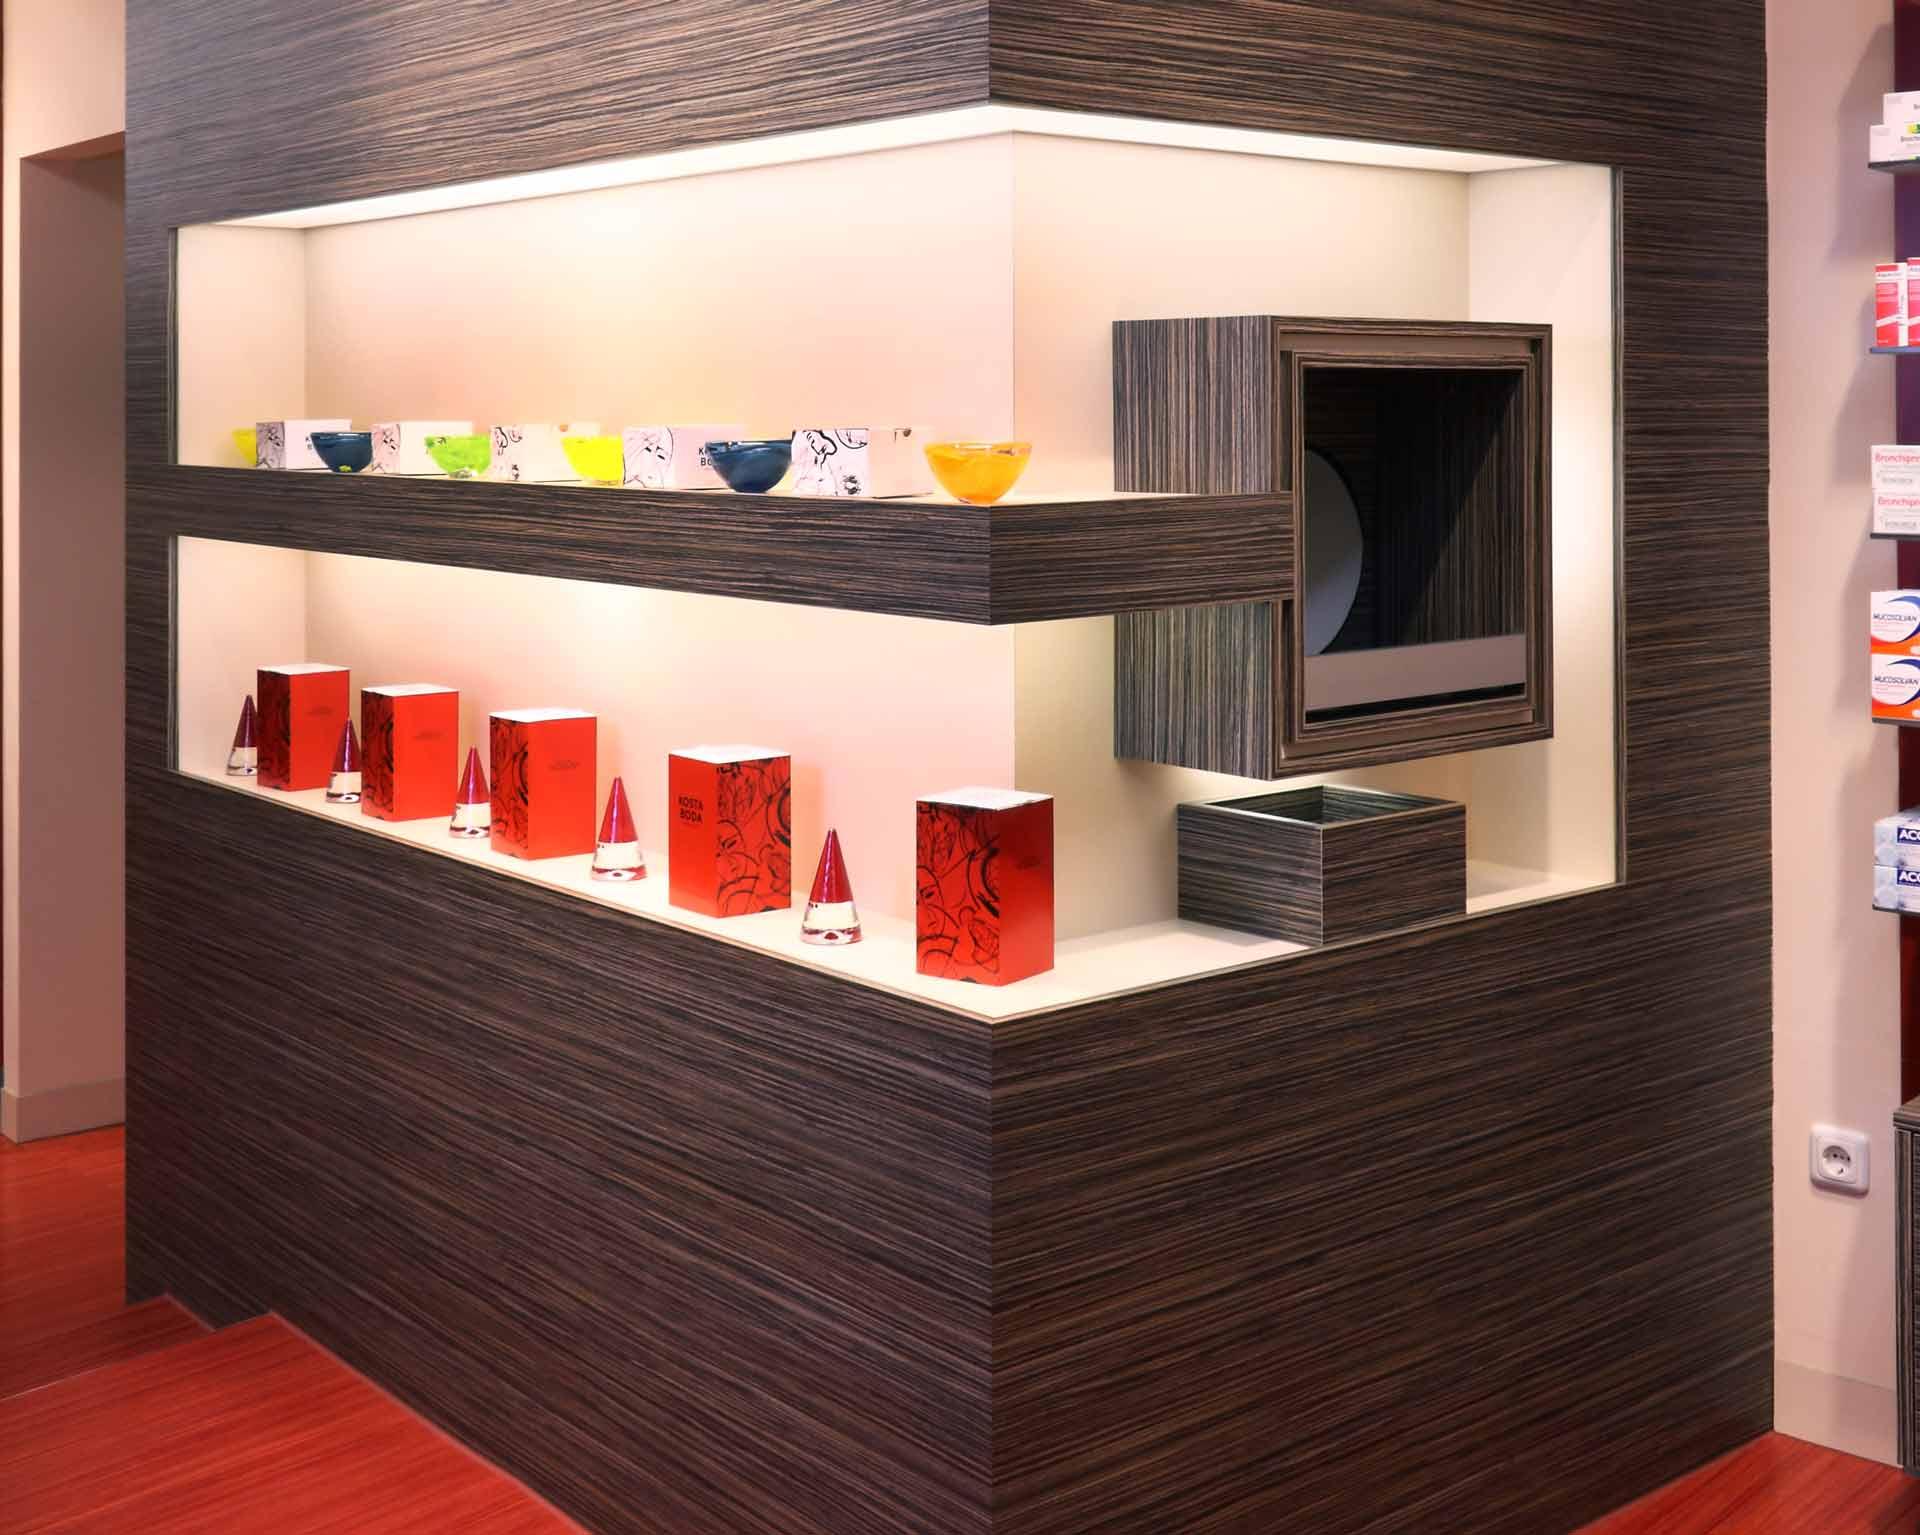 Die Möbelwerkstatt Scholz richtet Geschäftsräume für gewerbliche Kunden ein. Dazu zählen Büroeinrichtungen, Geschäftseinrichtungen und Ladeneinrichtungen wie z.B. Arztpraxen, Apotheken oder Kindertagesstätten.